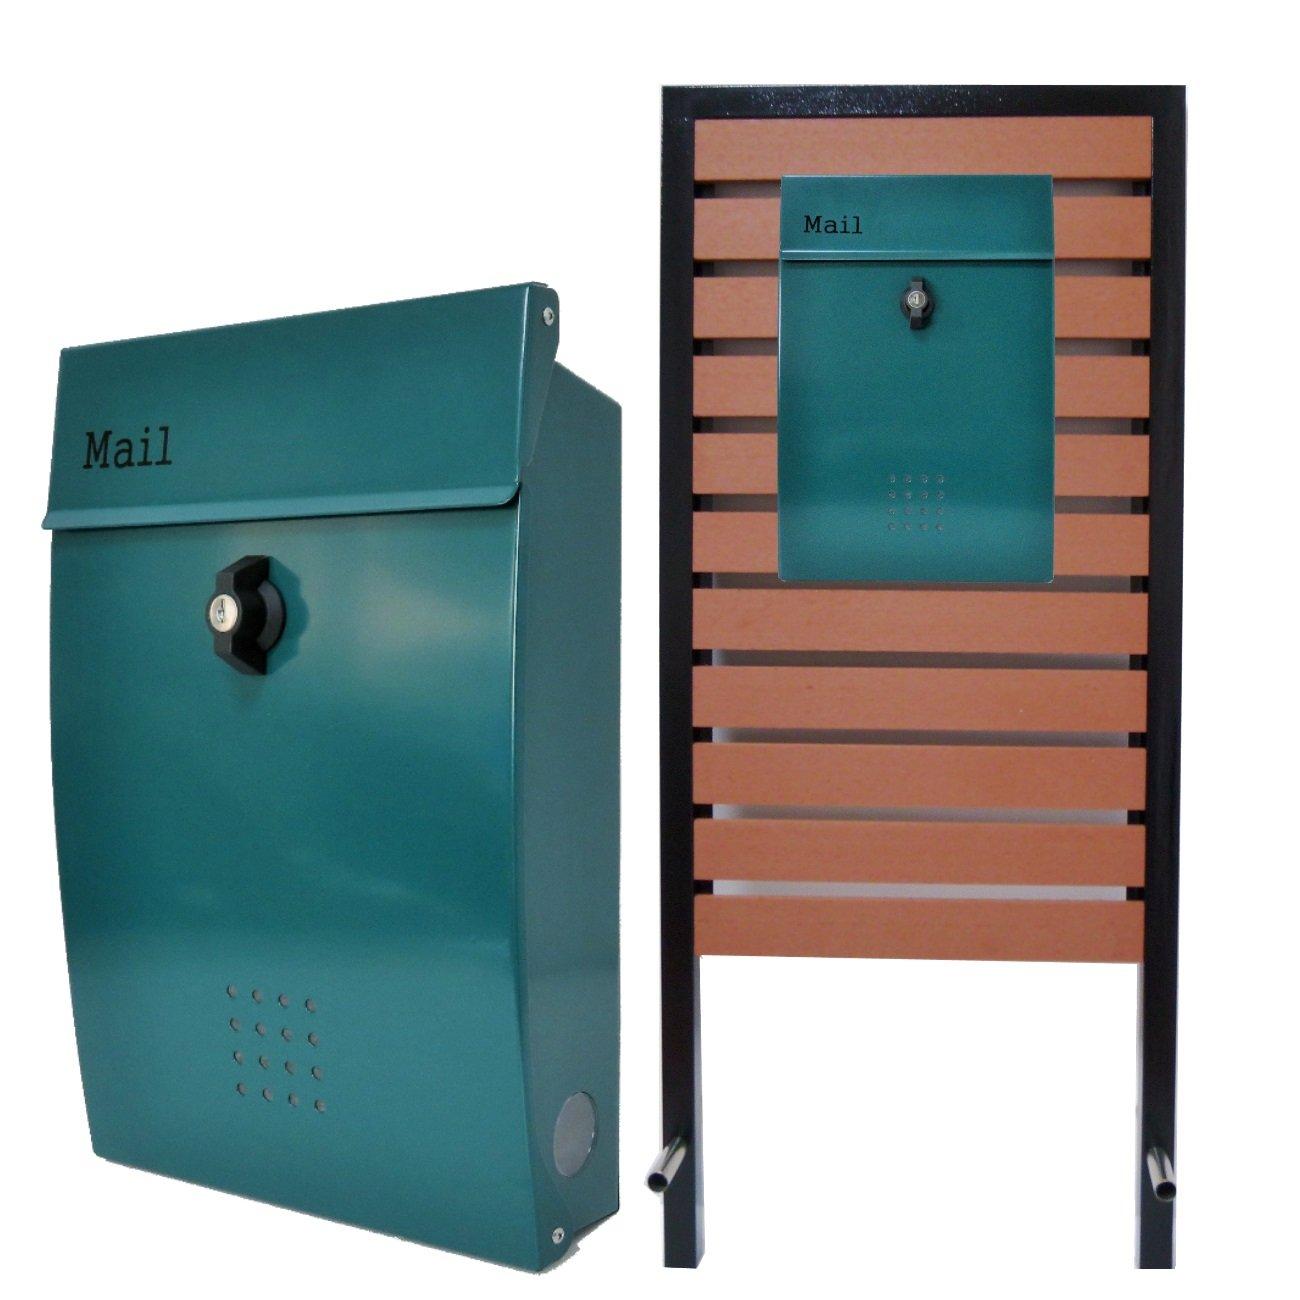 郵便ポスト スタンド付壁掛けプレミアムステンレスグリーン緑色ポスト pm18s-pm138 B076HK4LK8 24880